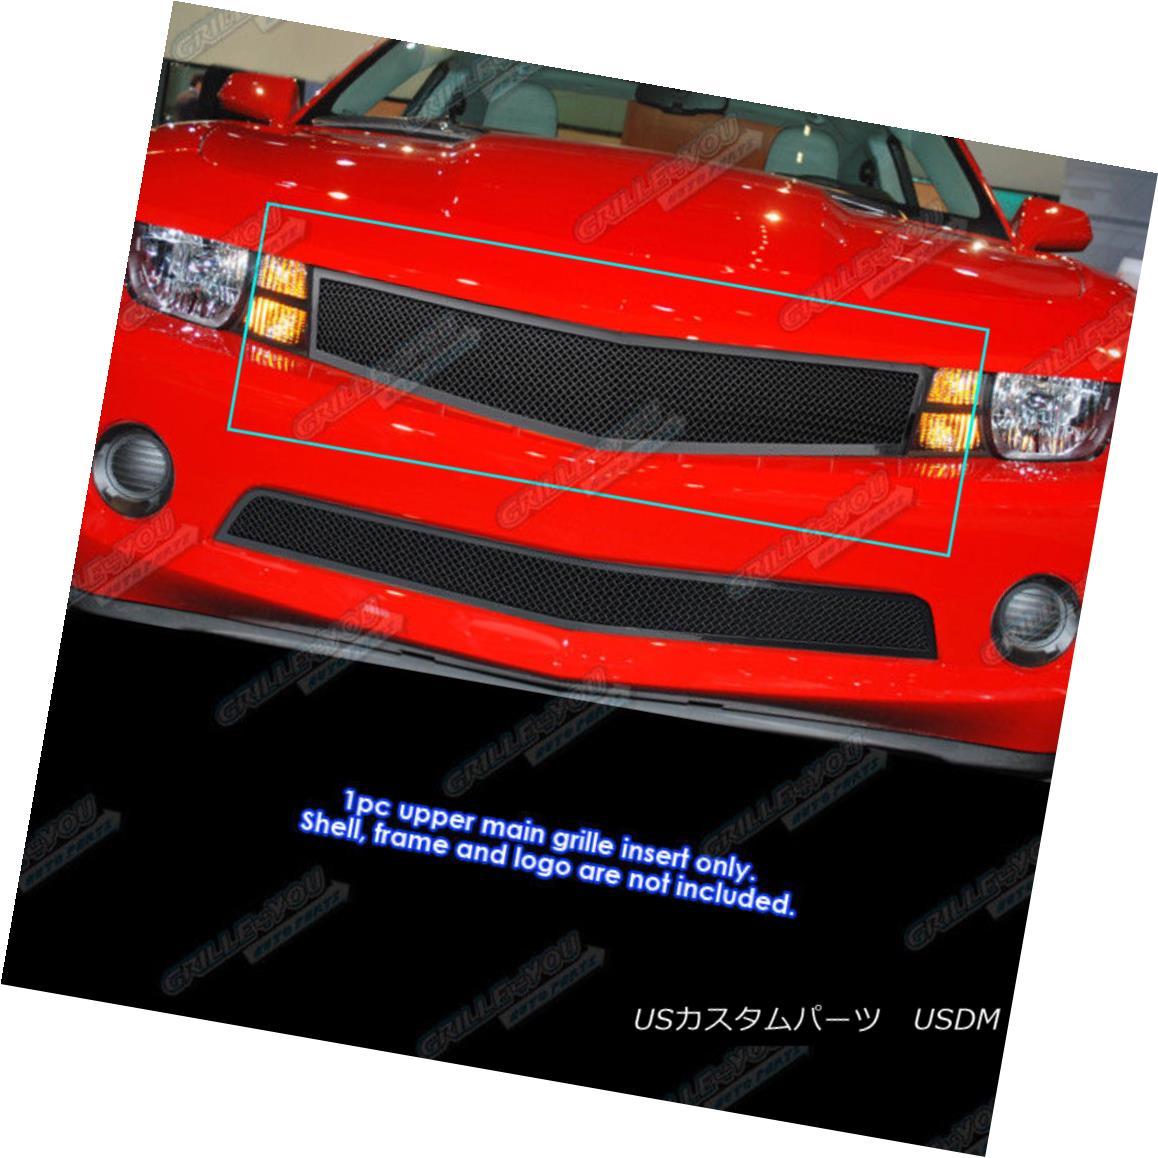 グリル For 2010-2013 Chevy Camaro LT/LS/RS/SS Stainless Steel Black Mesh Grille Grill 2010-2013シボレーカマロLT / LS / RS / SSステンレススチールブラックメッシュグリルグリル